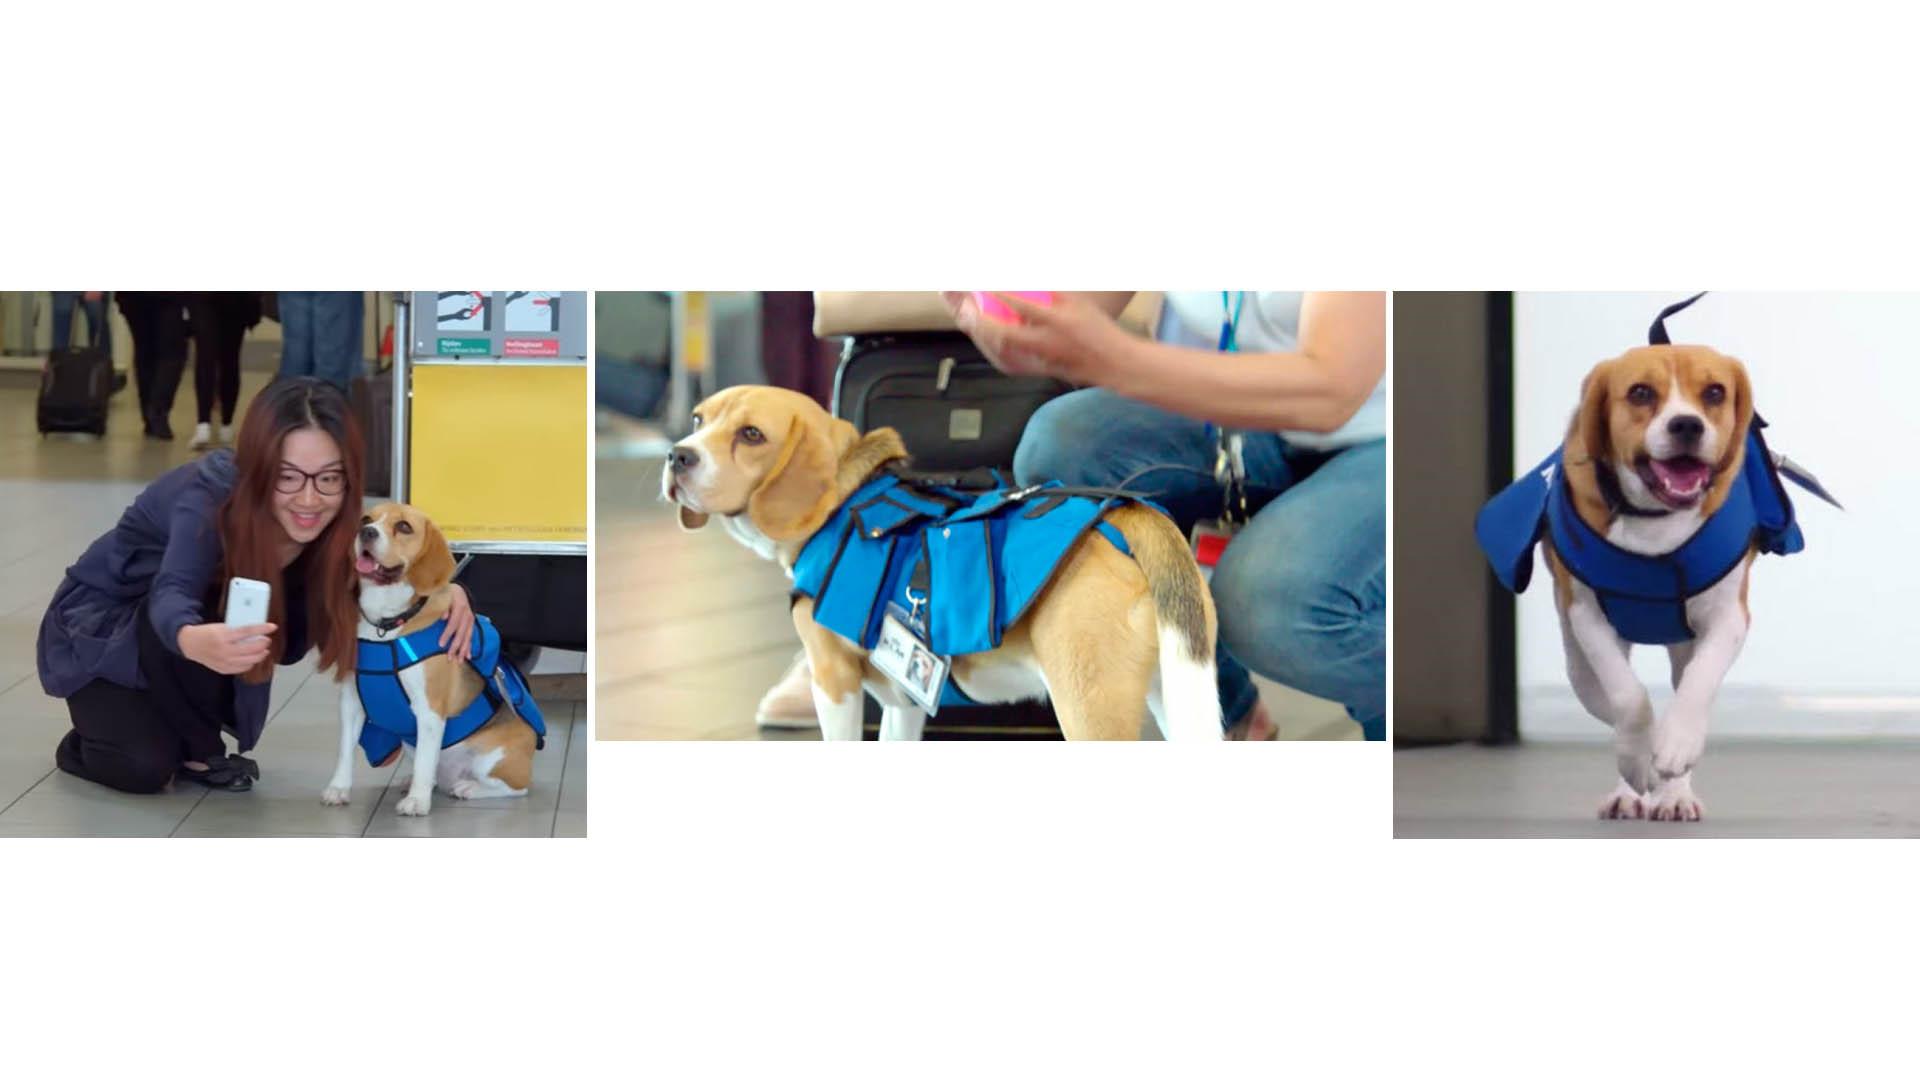 Este canino trabaja para una aerolínea en Ámsterdam, donde tiene un trabajo muy importante que requiere bastante habilidad